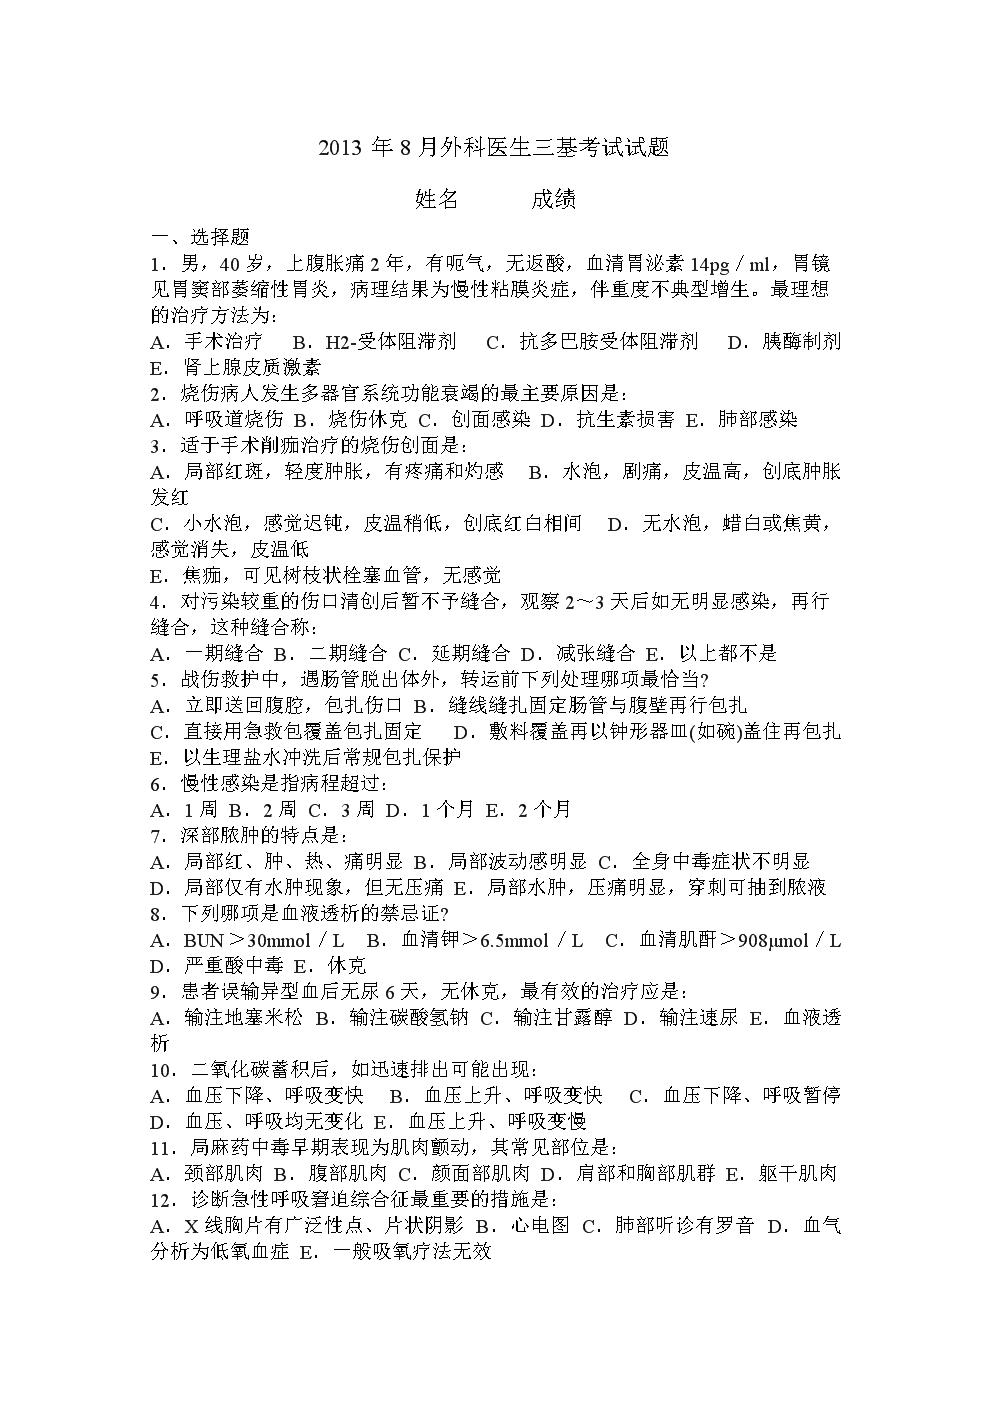 2013年8月外科医生三基考试试题.doc